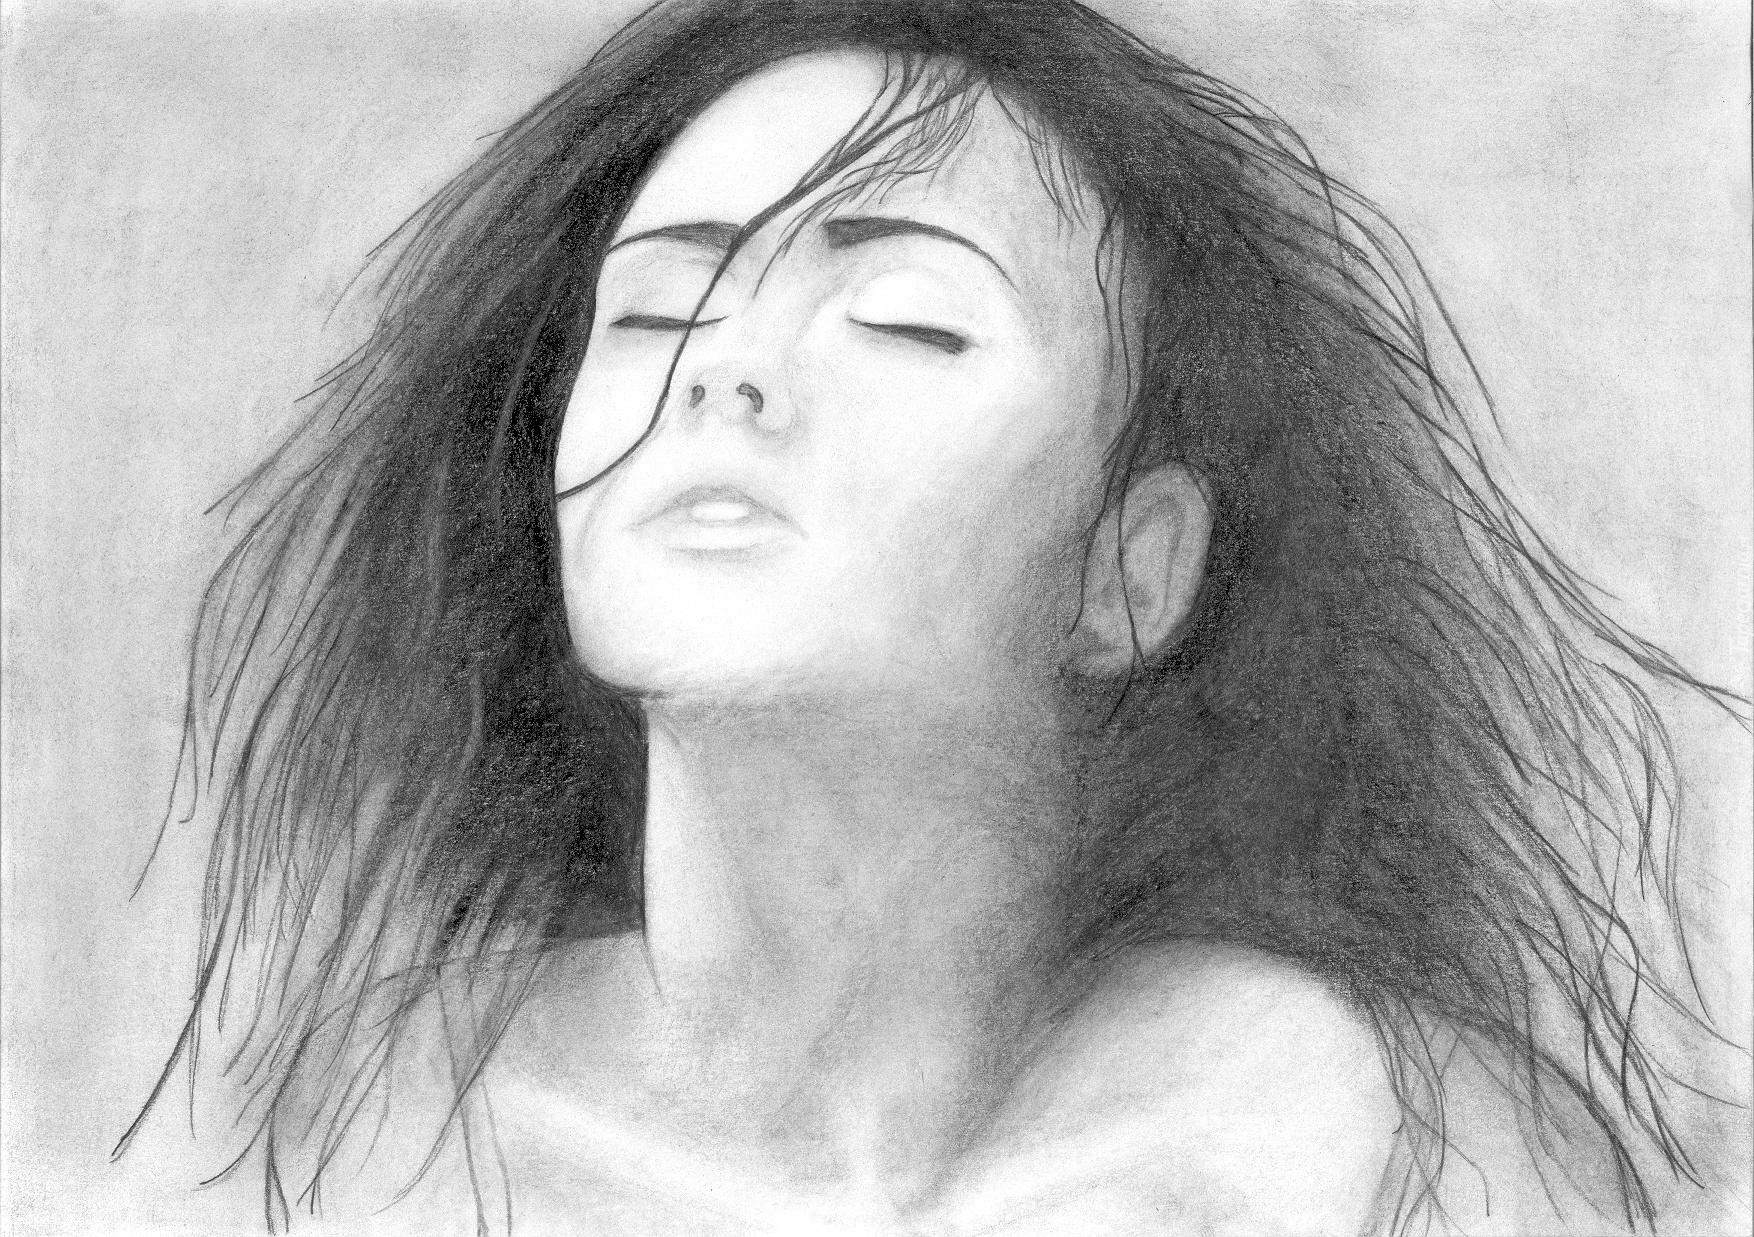 Twarz Kobiety Szkic Zamknięte Oczy